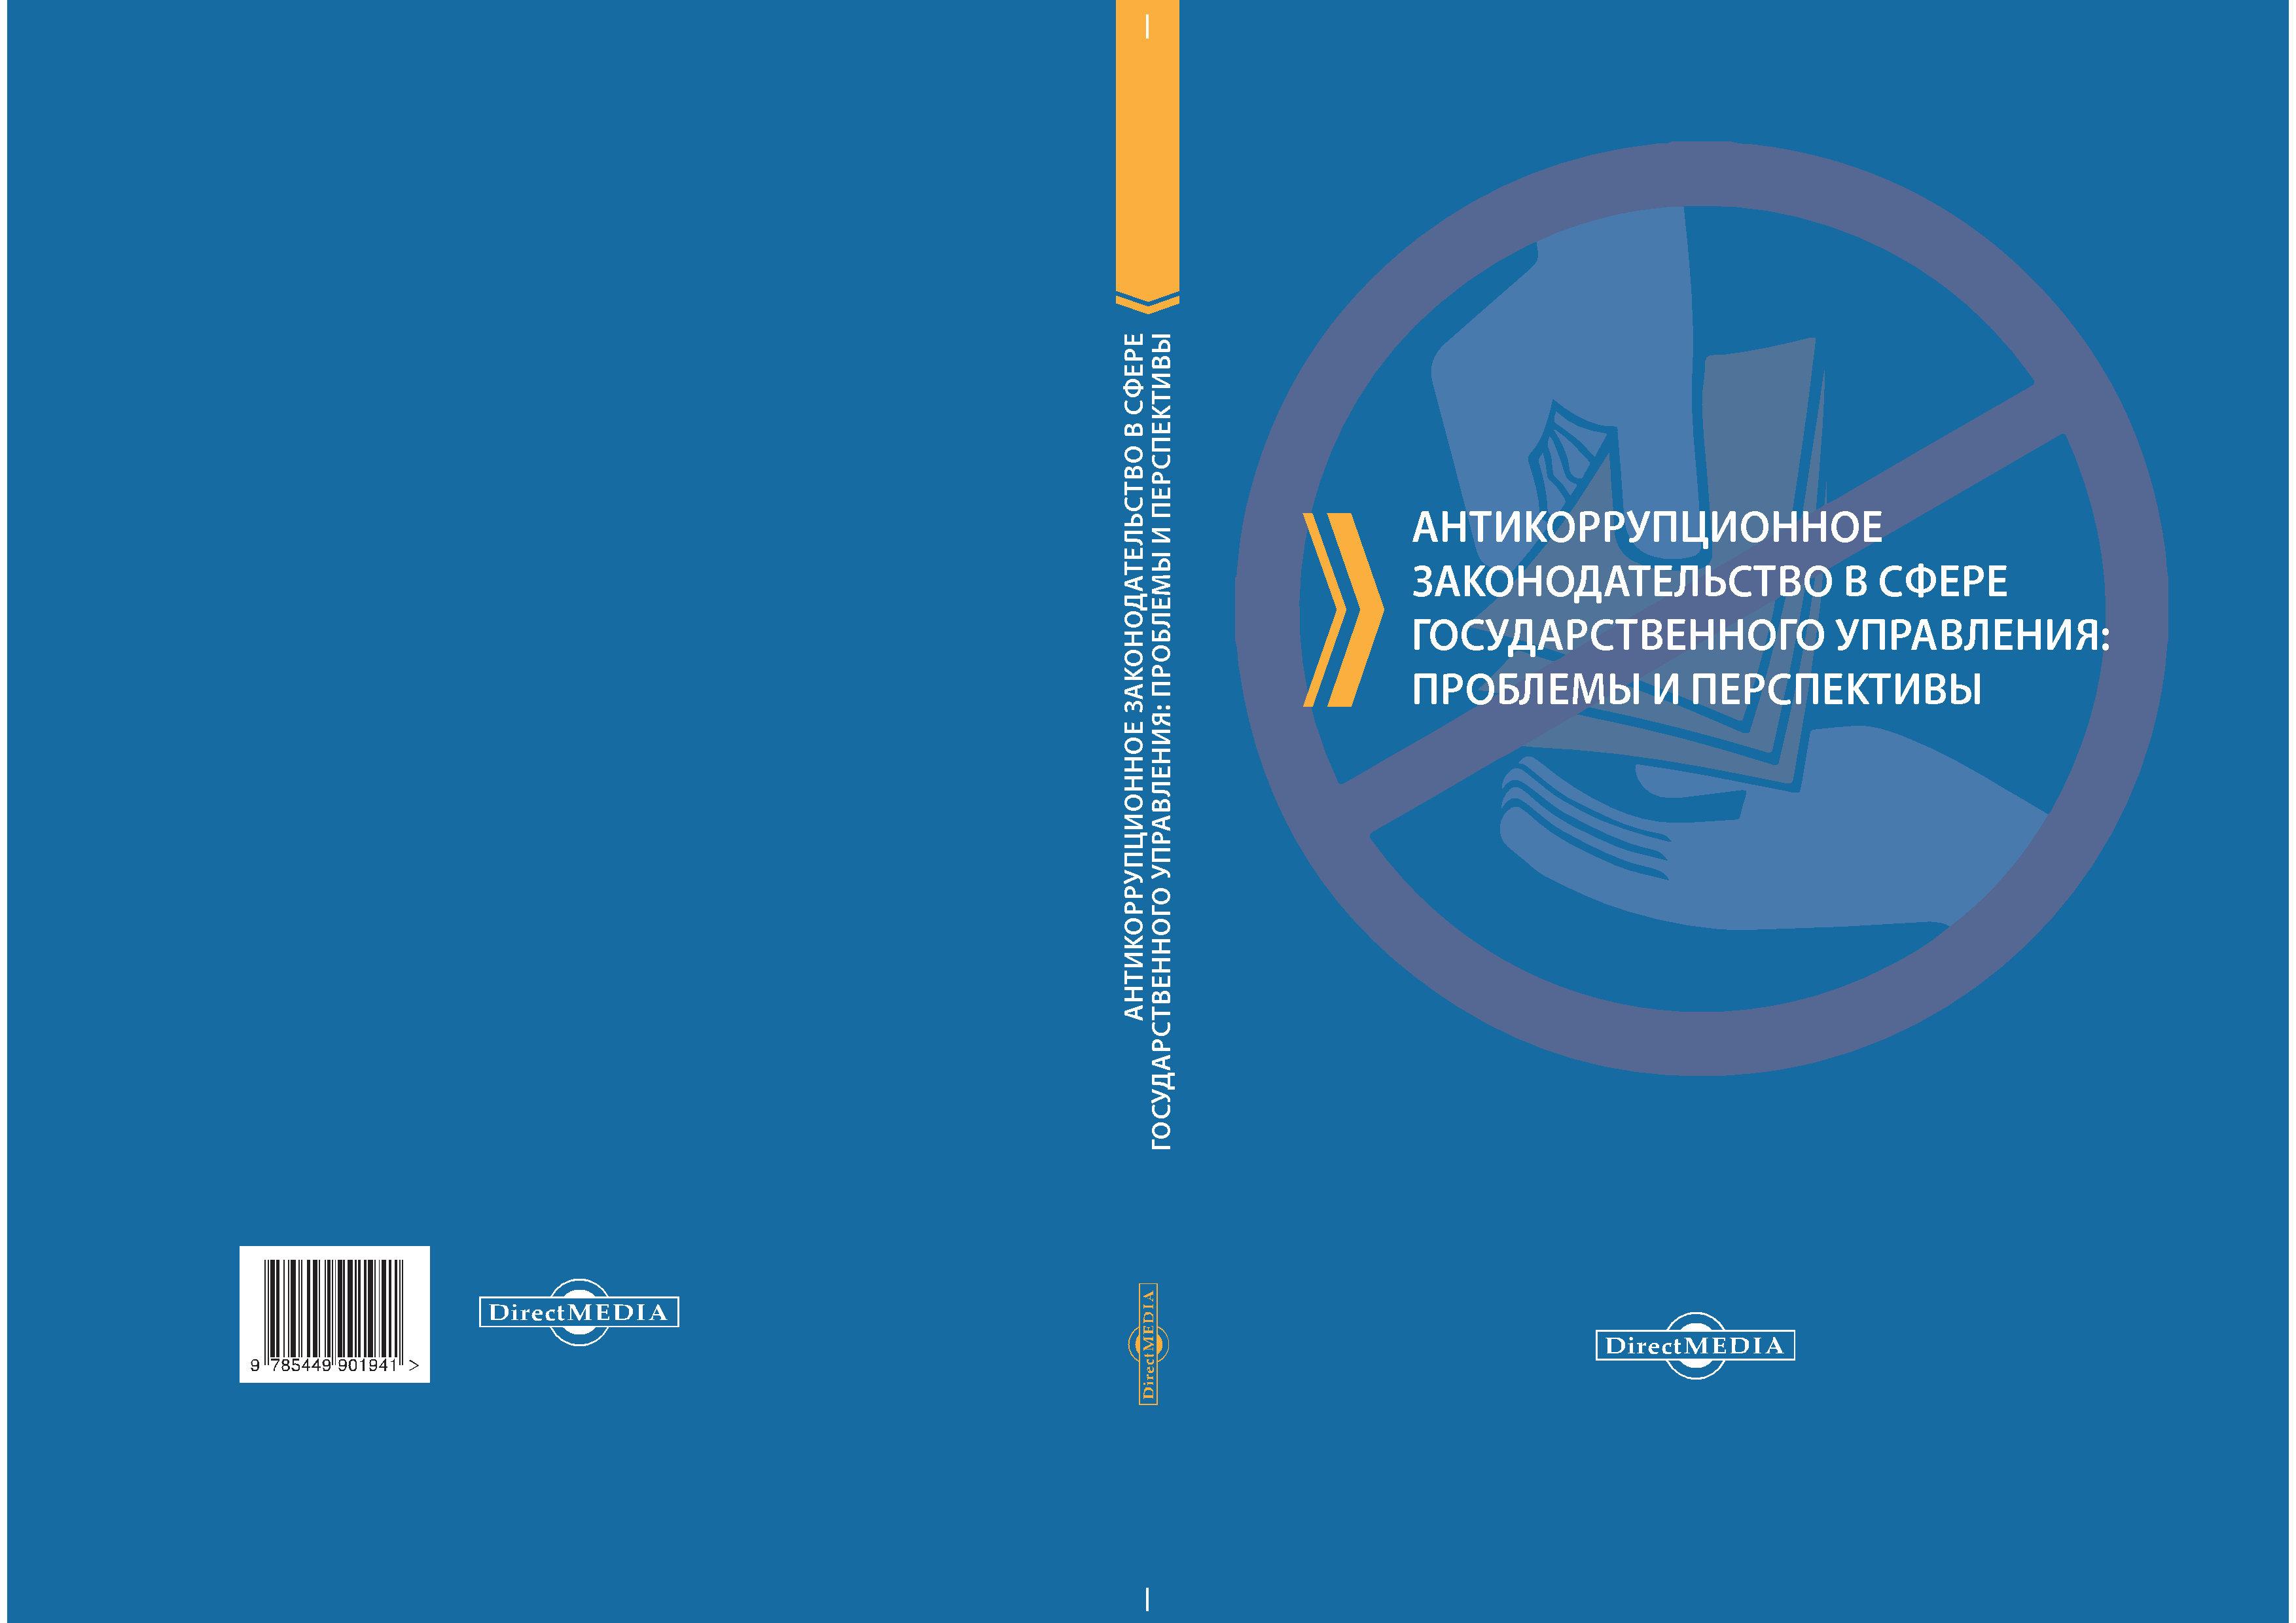 Антикоррупционное законодательство в сфере государственного управления: проблемы и перспективы : коллективная монография